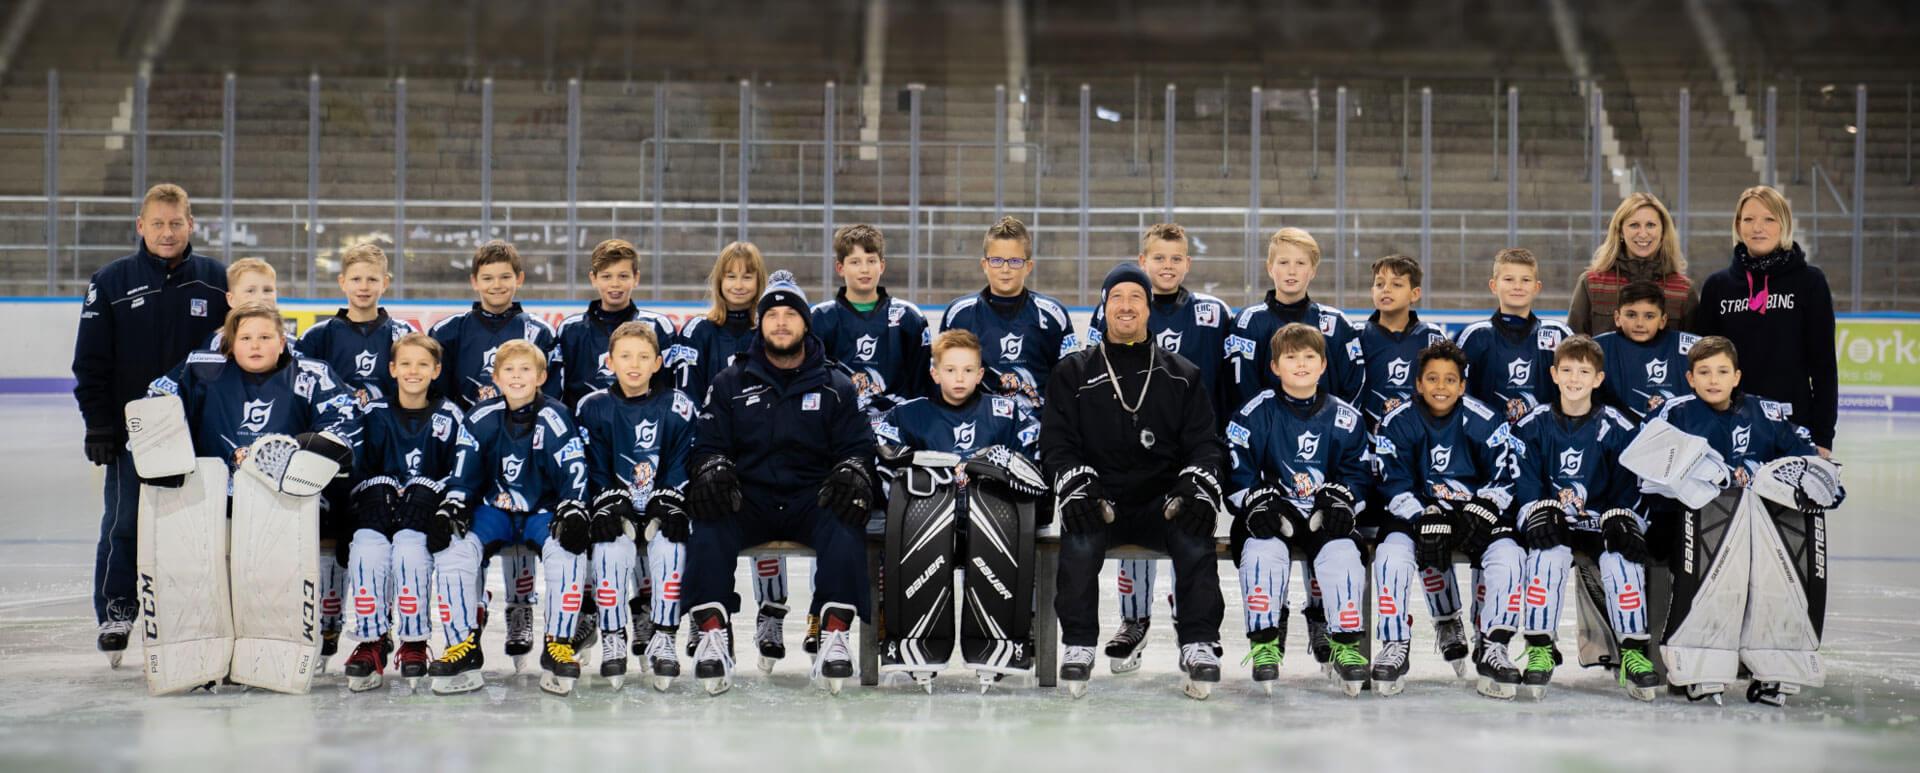 Mannschaftsfoto der U11